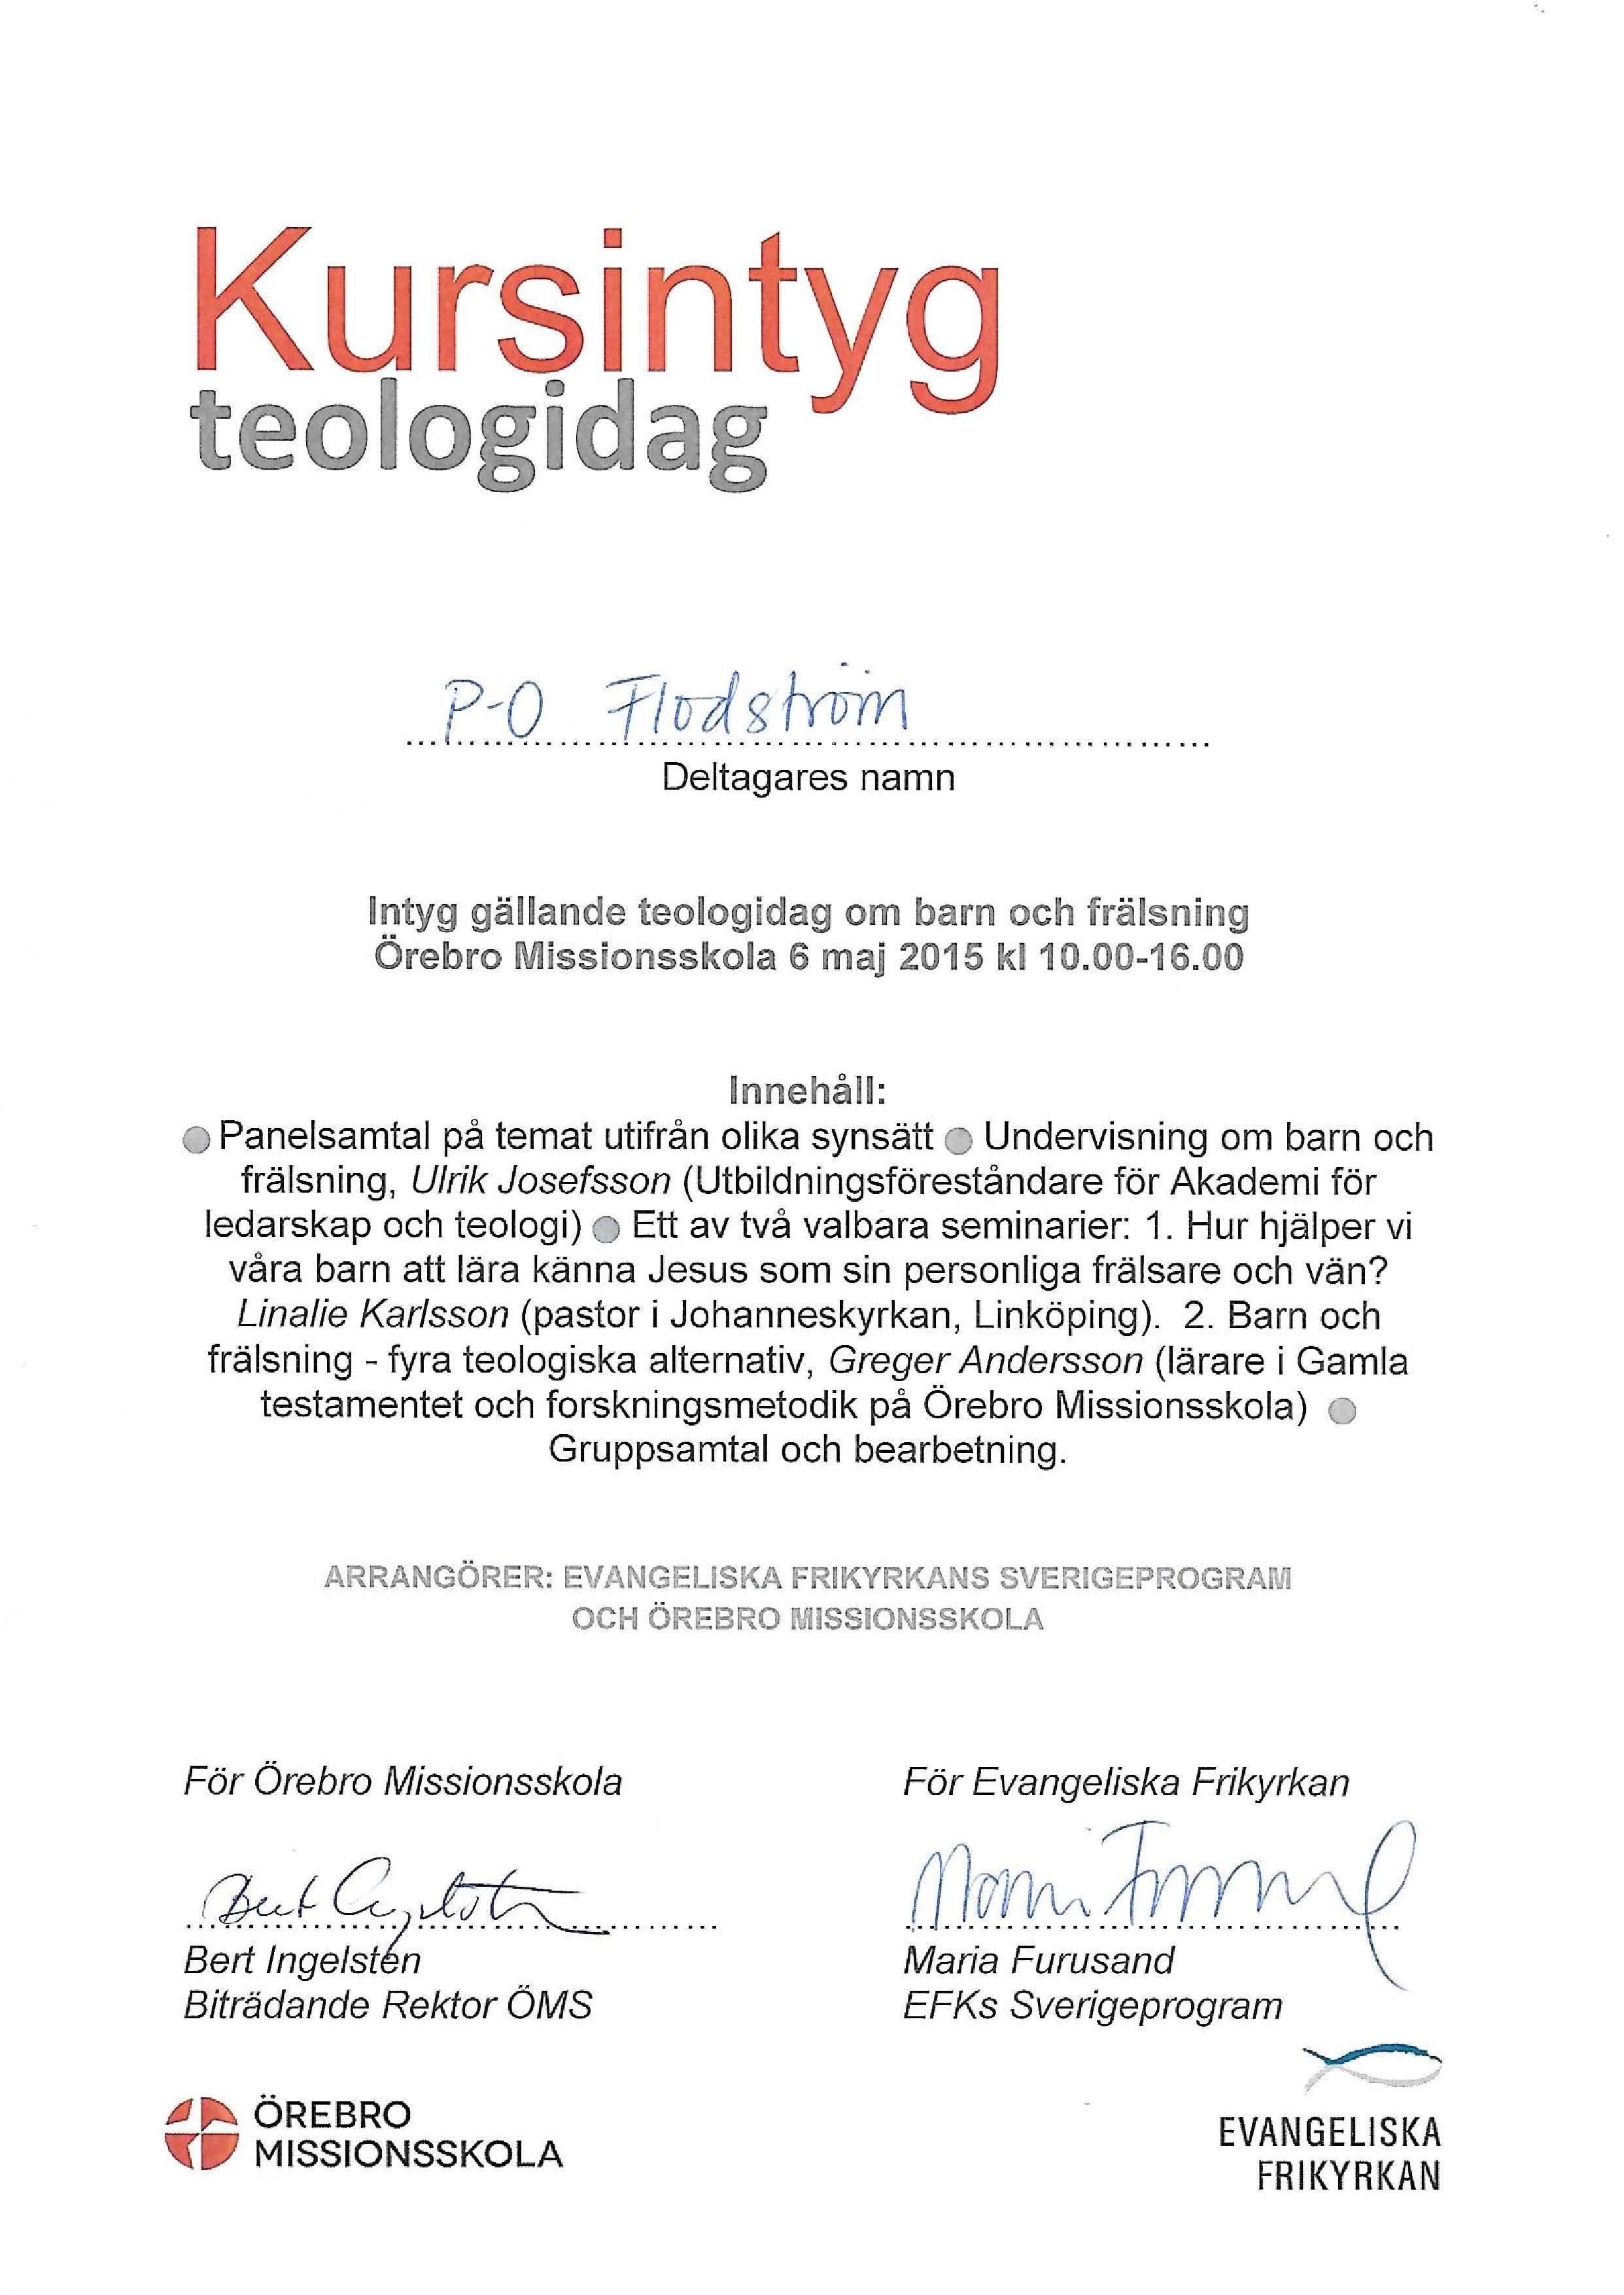 betyg-certifikat-och-komplett-meritlista-for-p-o-flodstrom-2016-page-004